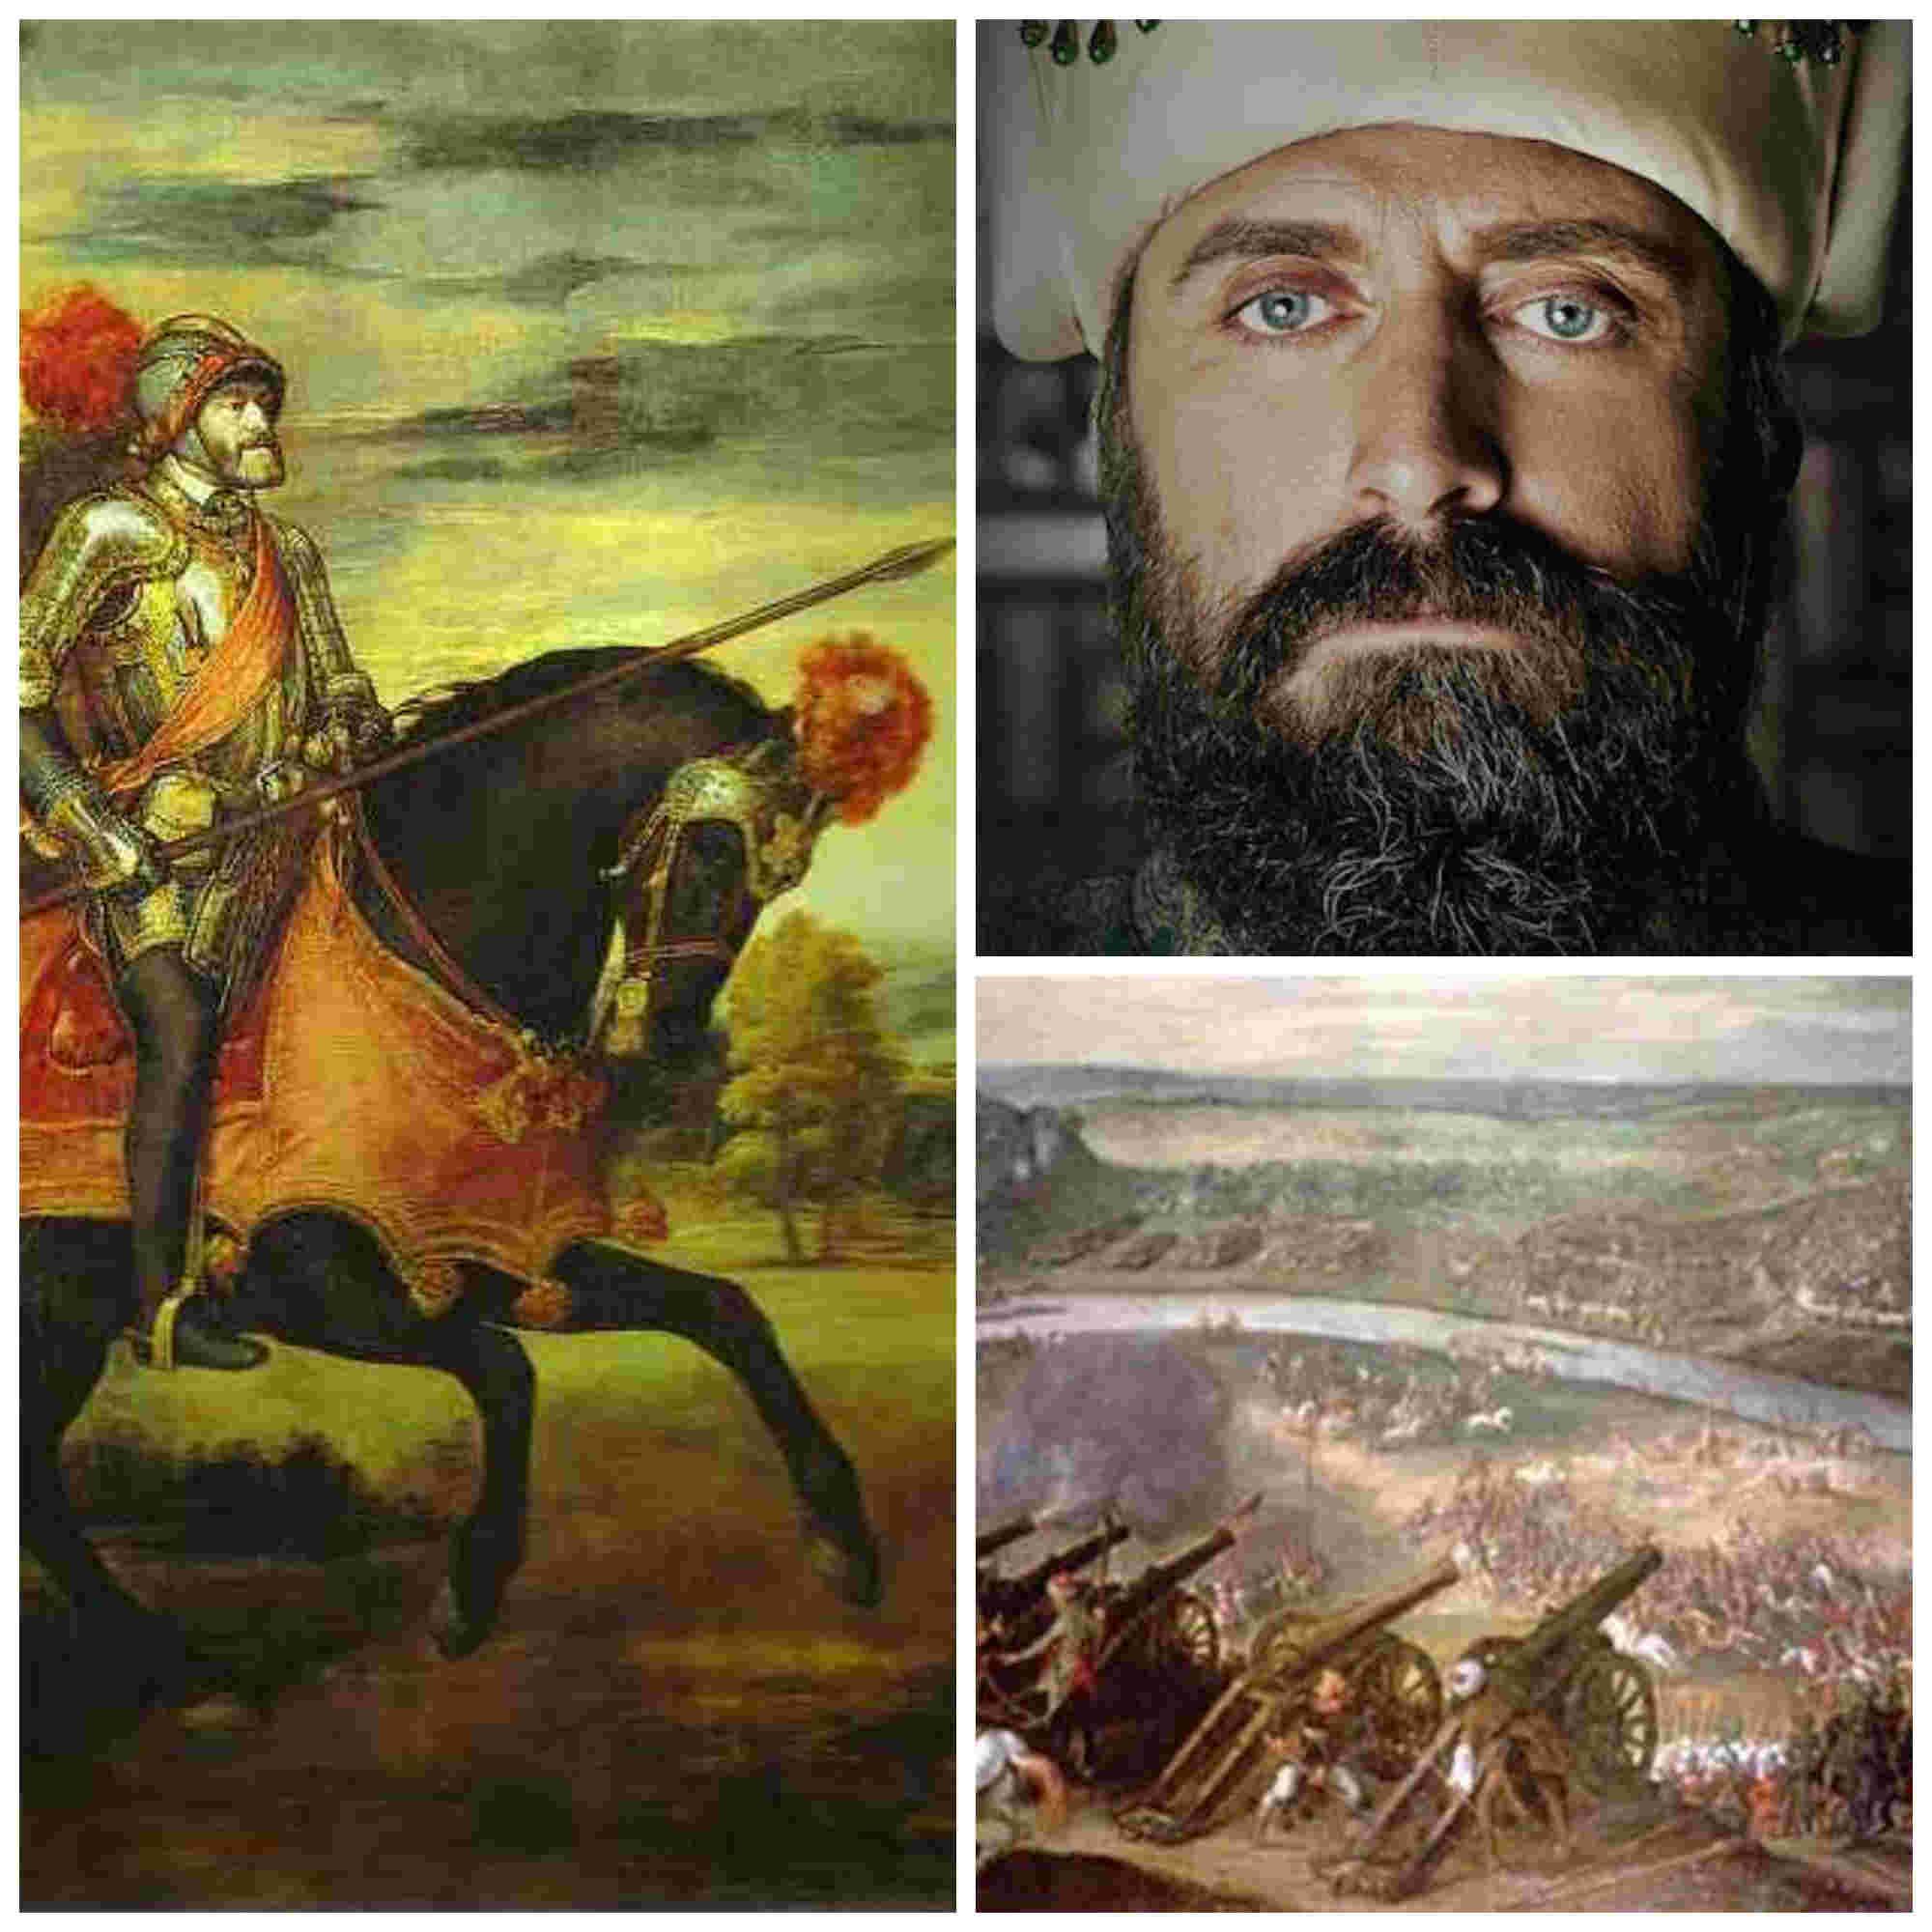 Enfrentamientos hispano-otomanos en el reinado de Carlos I